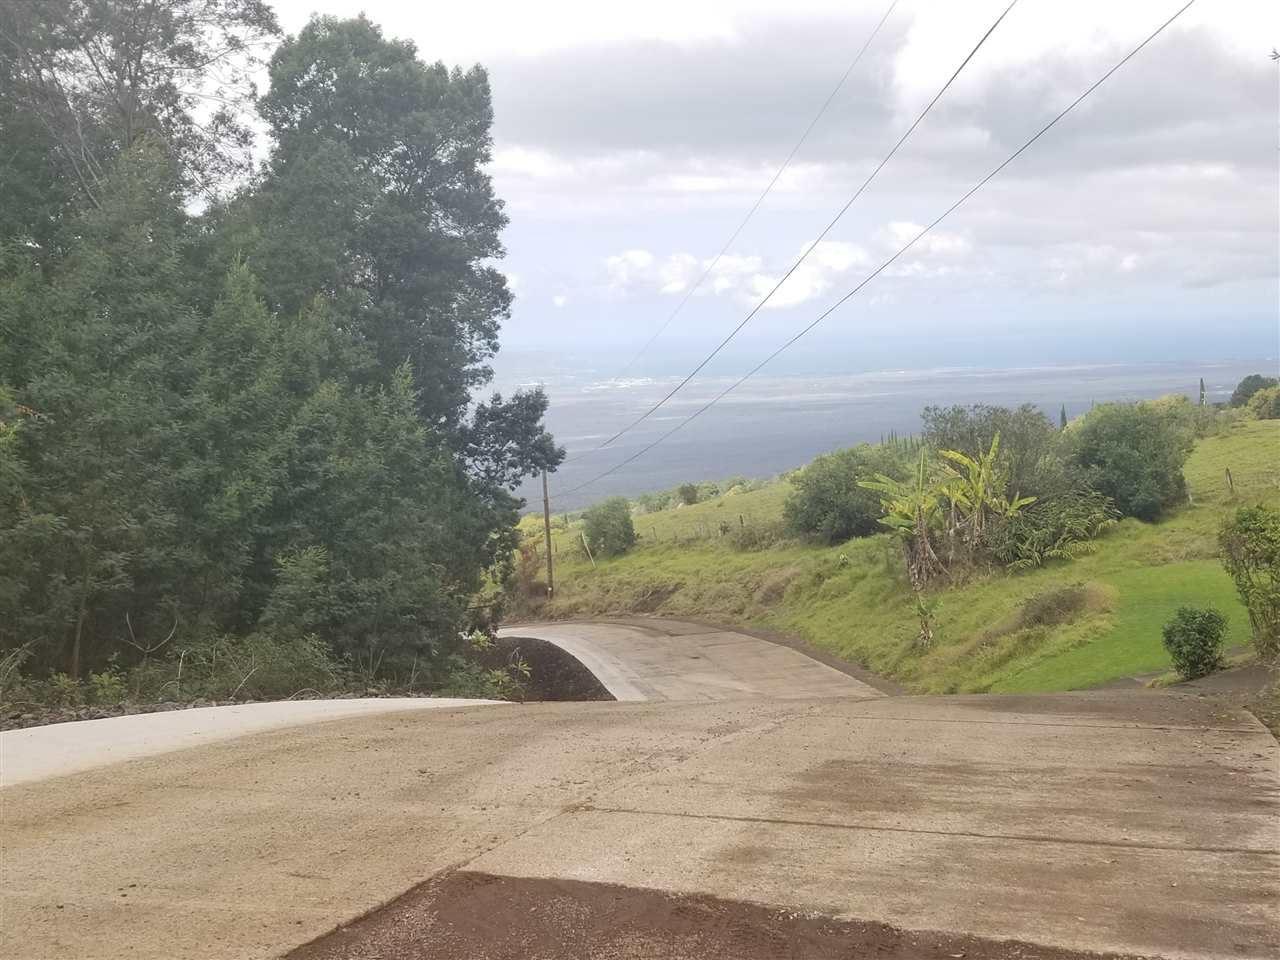 Photo of 50 Laumania Rd #34-B-1-B, Kula, HI 96790 (MLS # 390236)